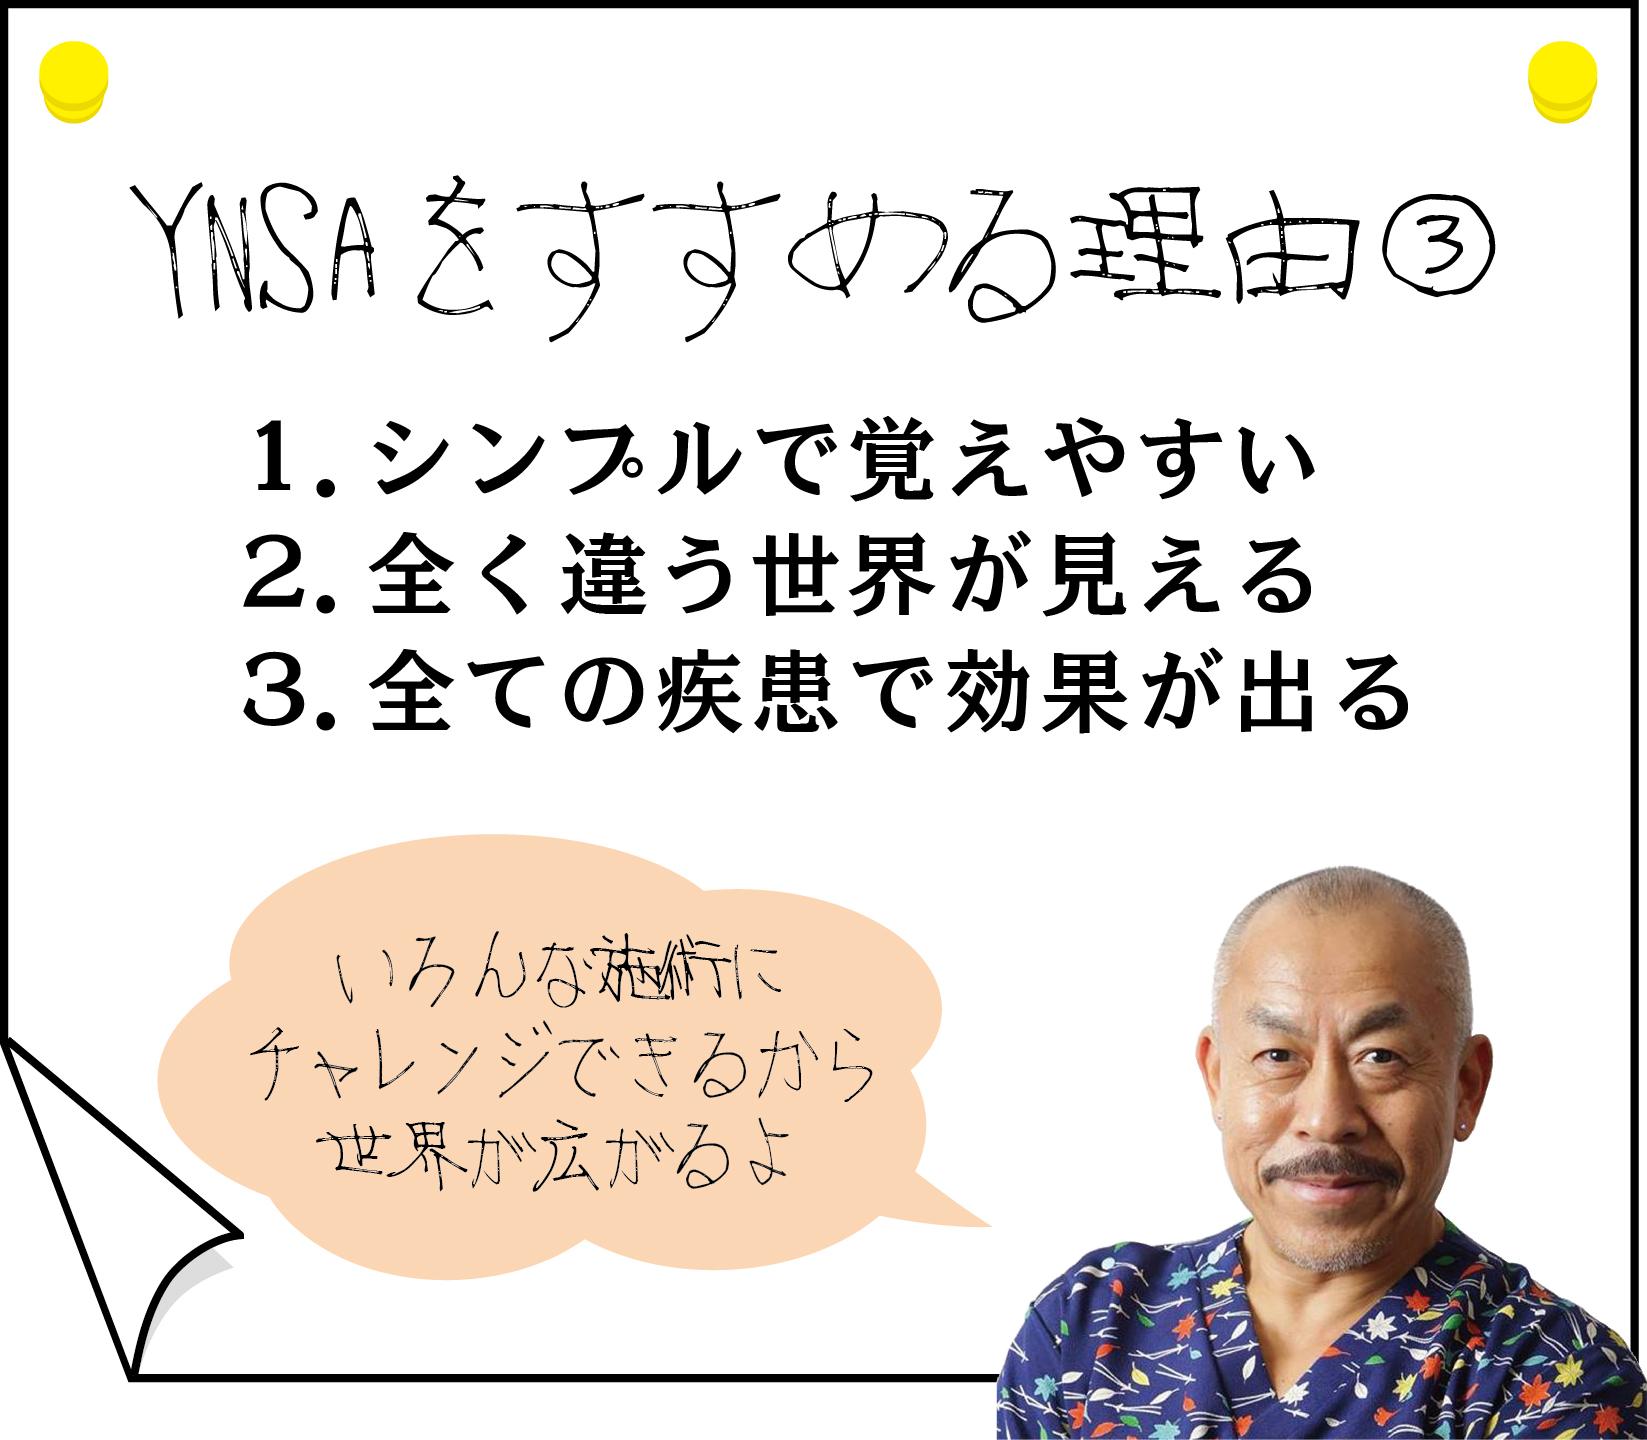 なぜ、YNSA頭鍼療法がいいのか?③